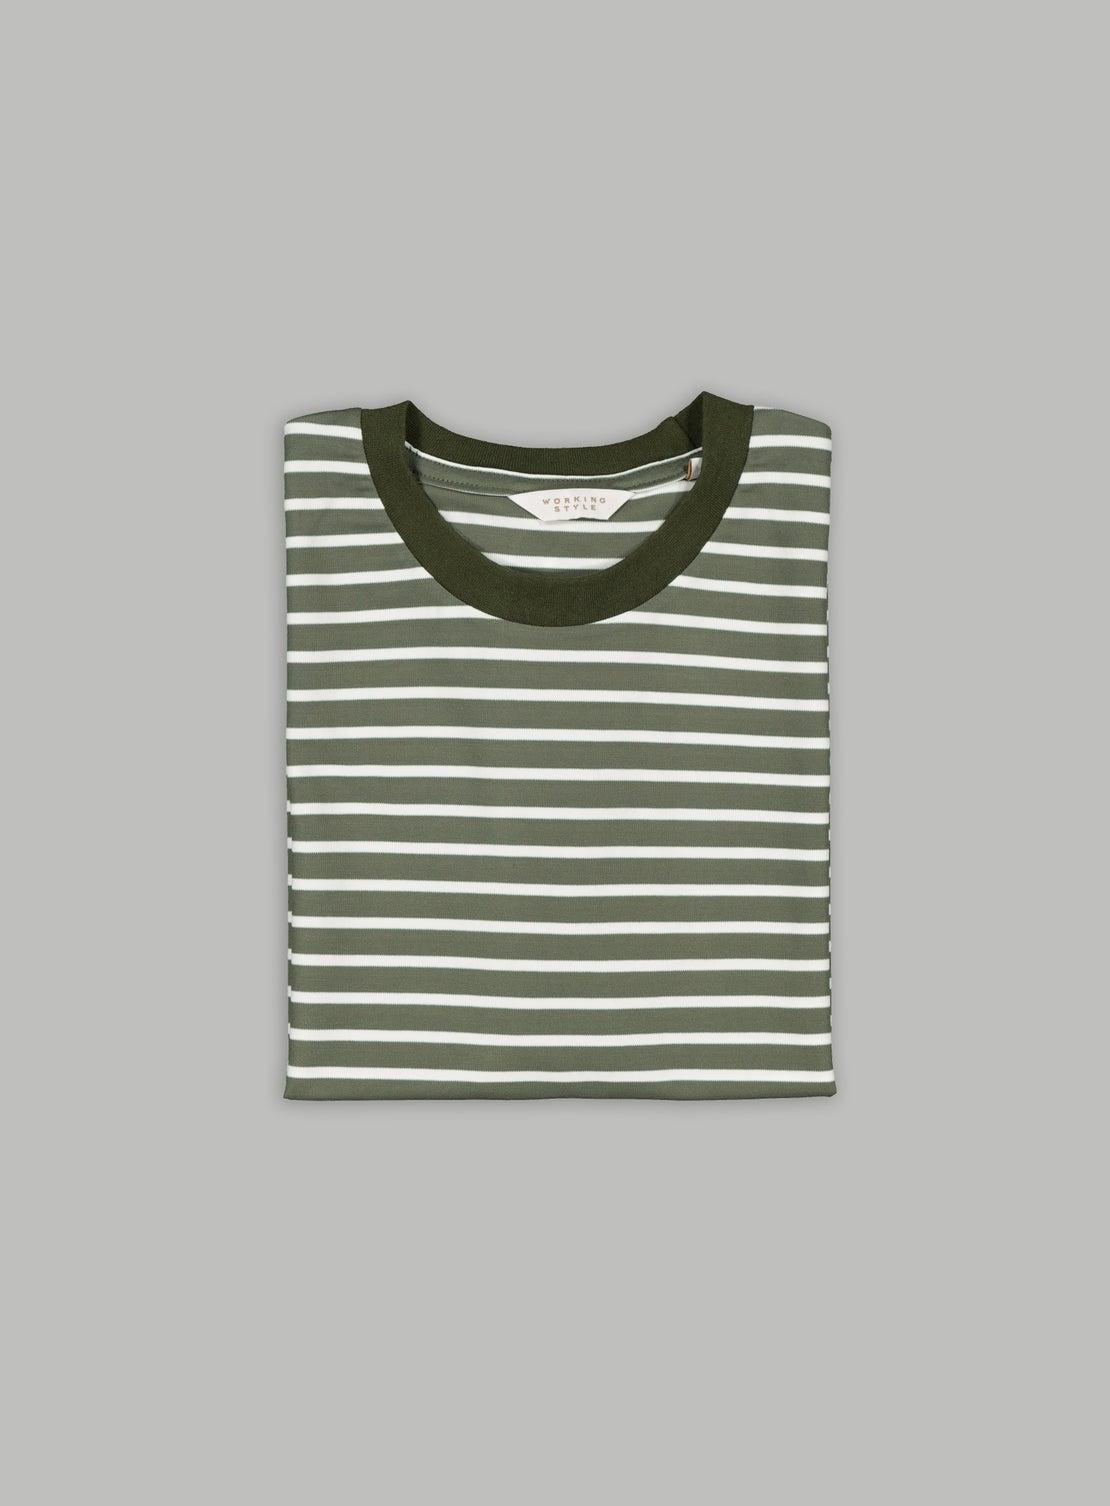 Khaki/White Stripe T-Shirt